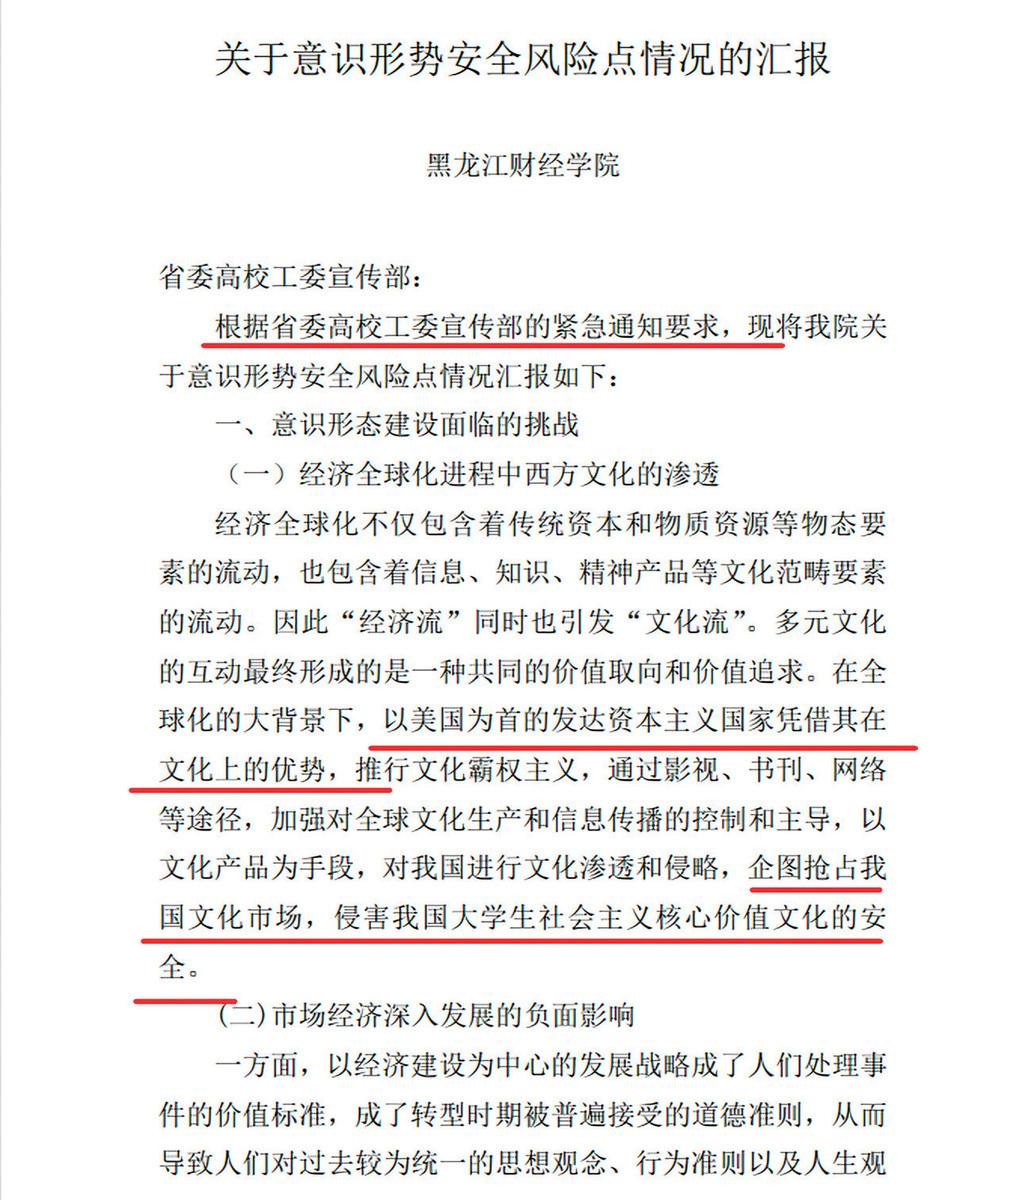 黑龍江財經學院2017年4月18日的《關於意識形勢安全風險點情況的匯報》洩露中共無自信。(大紀元)